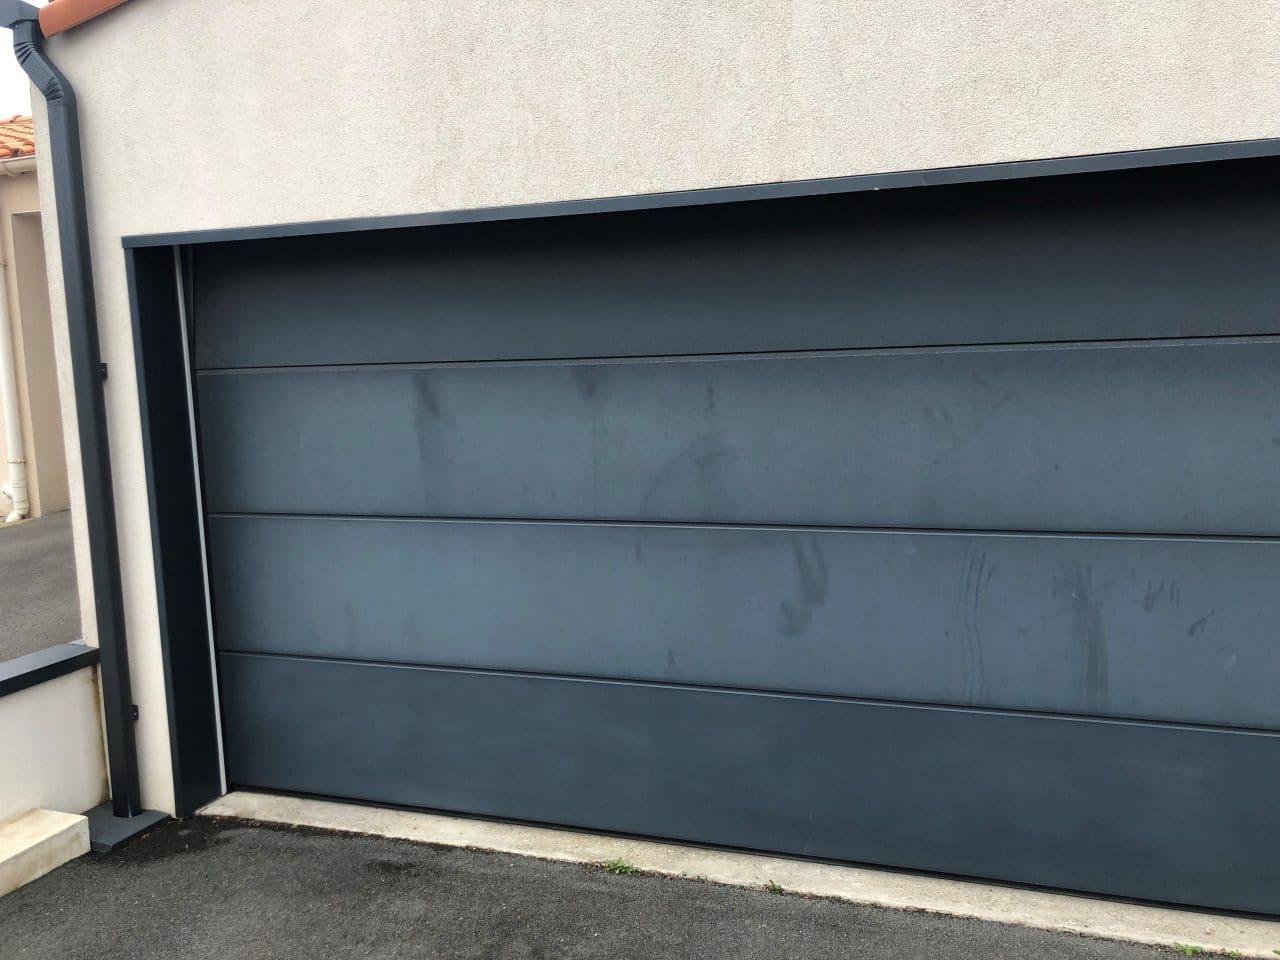 rénovation porte de garage La Roche-sur-Yon - porte peinte en noire